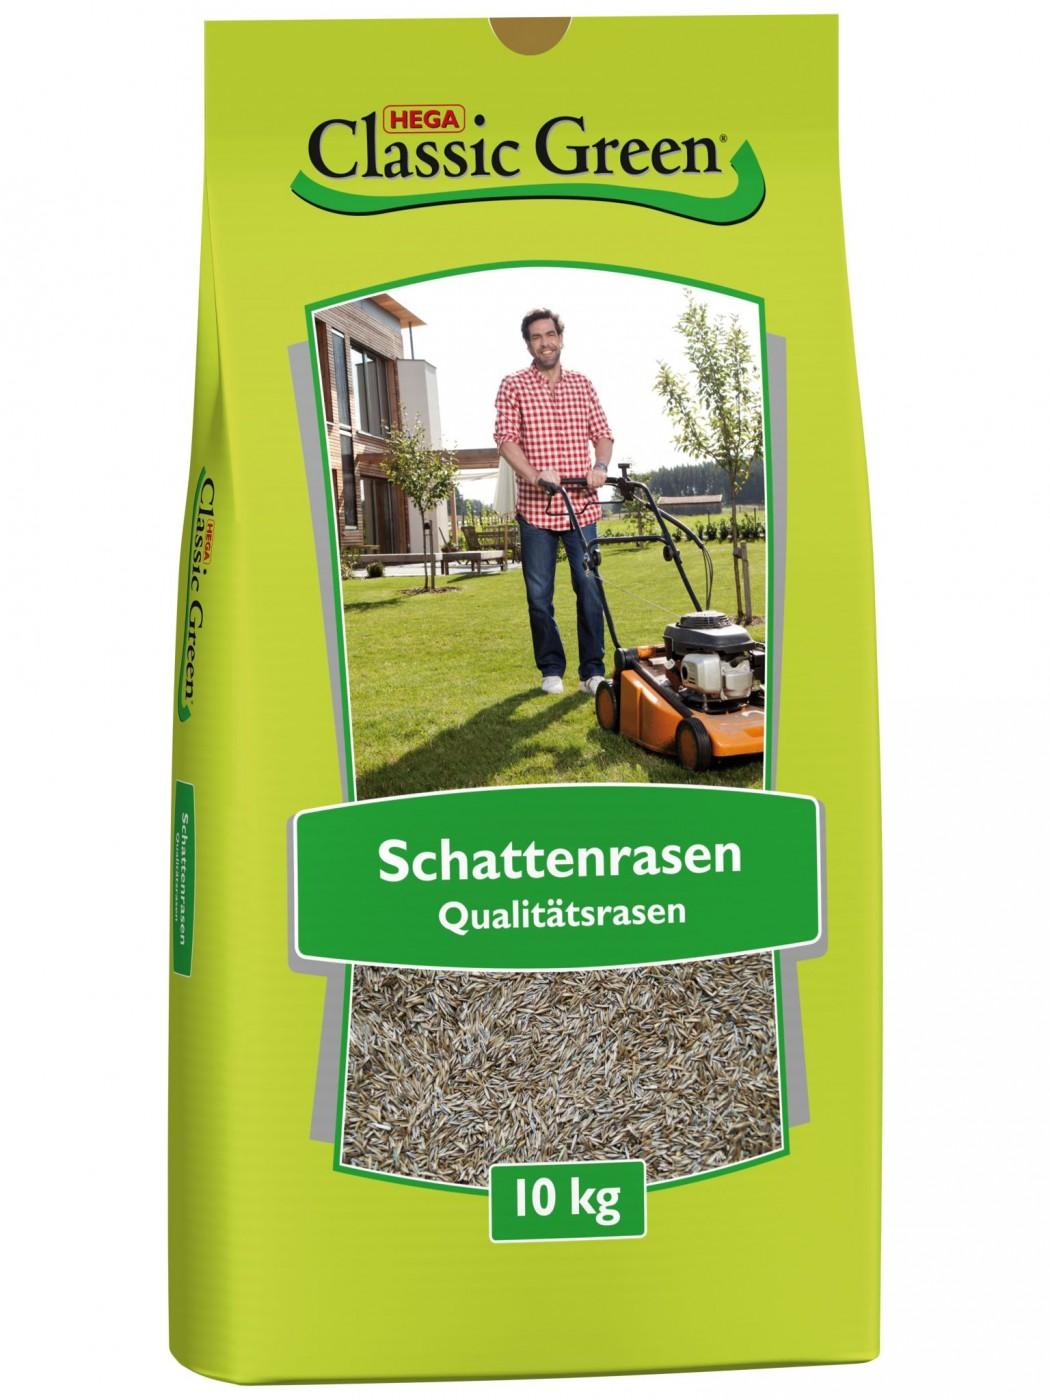 Classic Green Schattenrasen | 10kg Rasensaat